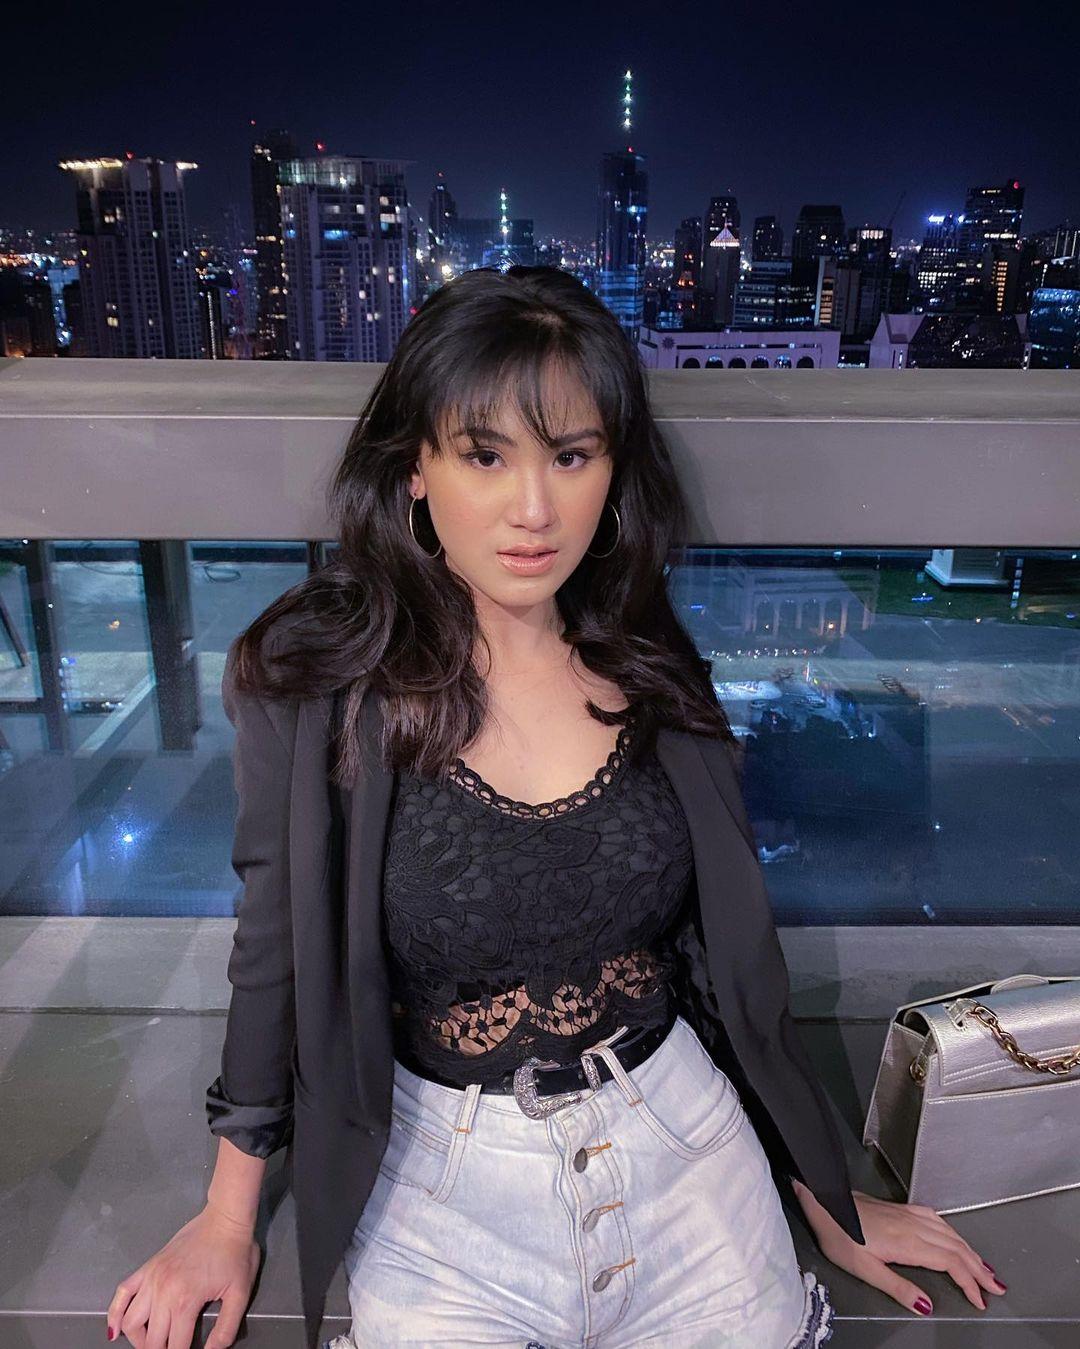 Vụ nữ tiếp viên hàng không Philippines xinh đẹp tử vong: Nghi phạm nói điều có thể lật ngược vụ án